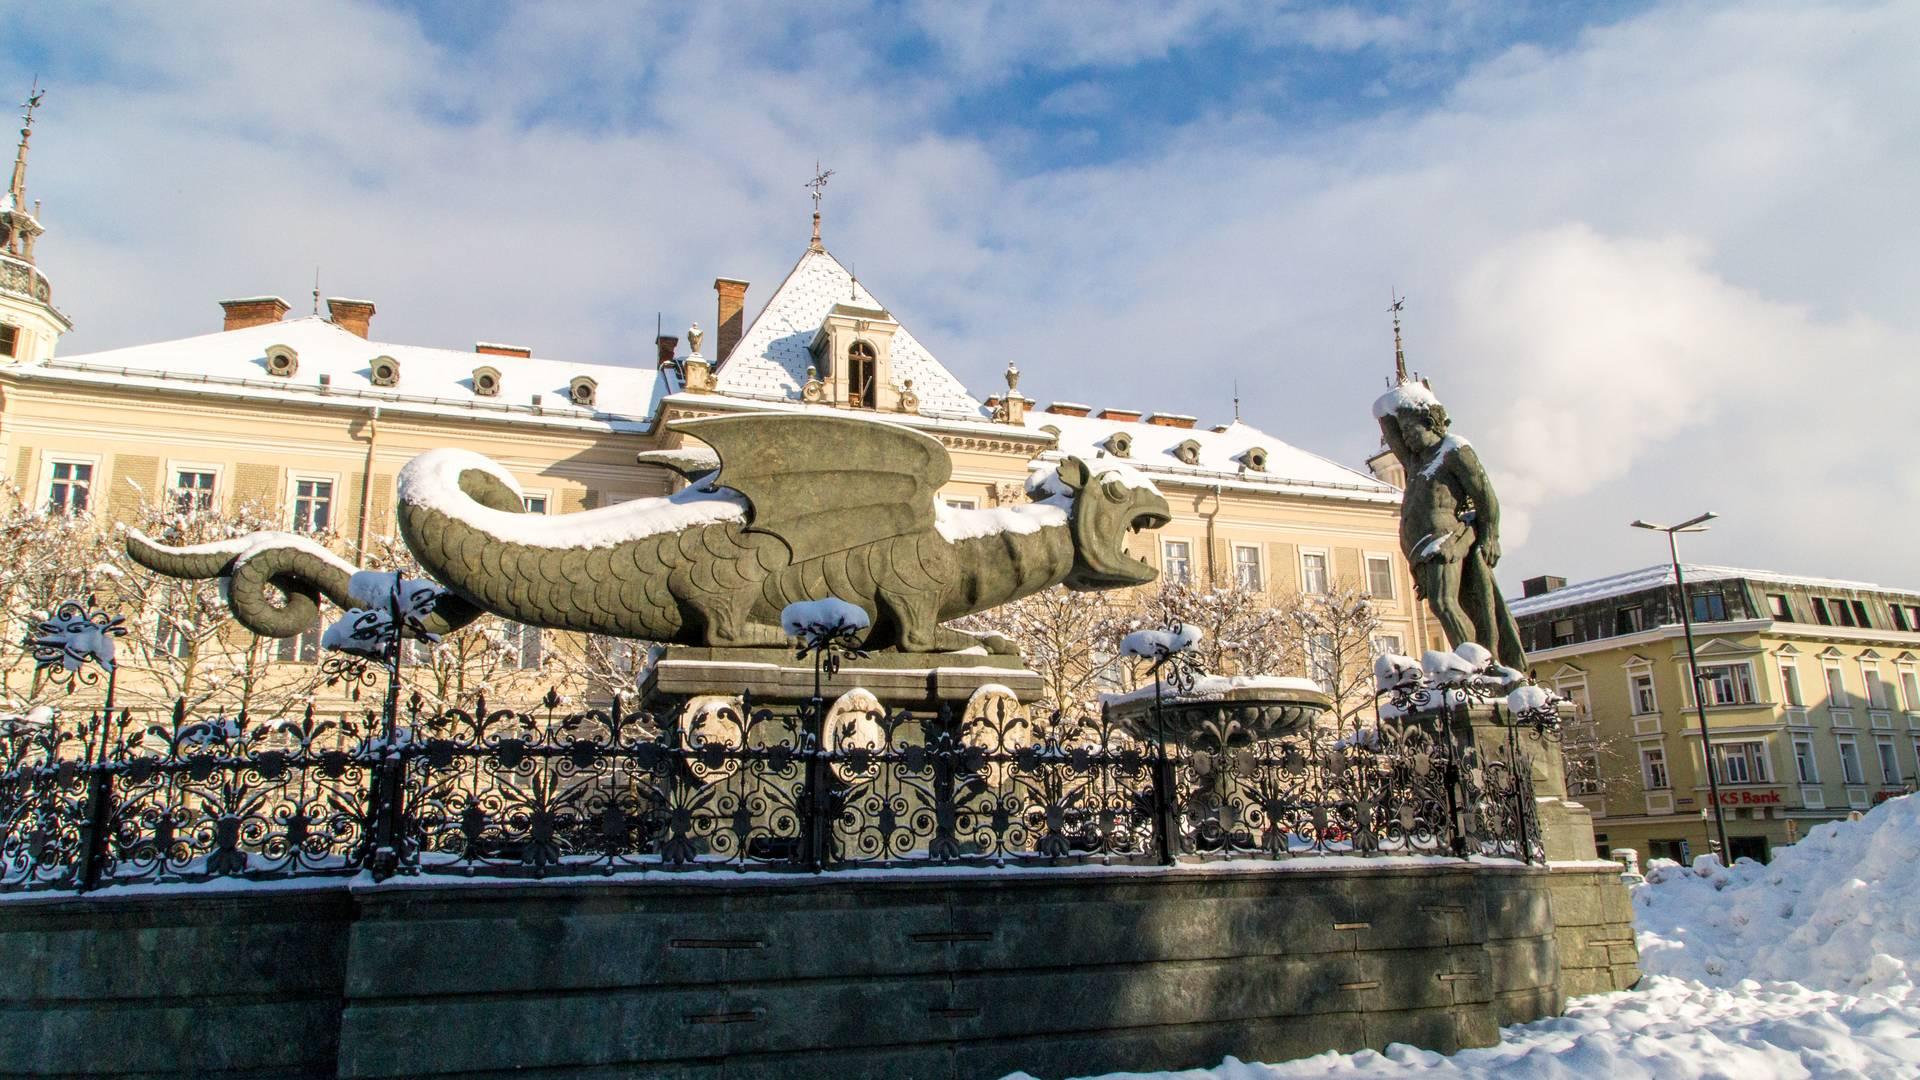 Klagenfurt Winter Lindwurm c Pixelpoint Multimedia